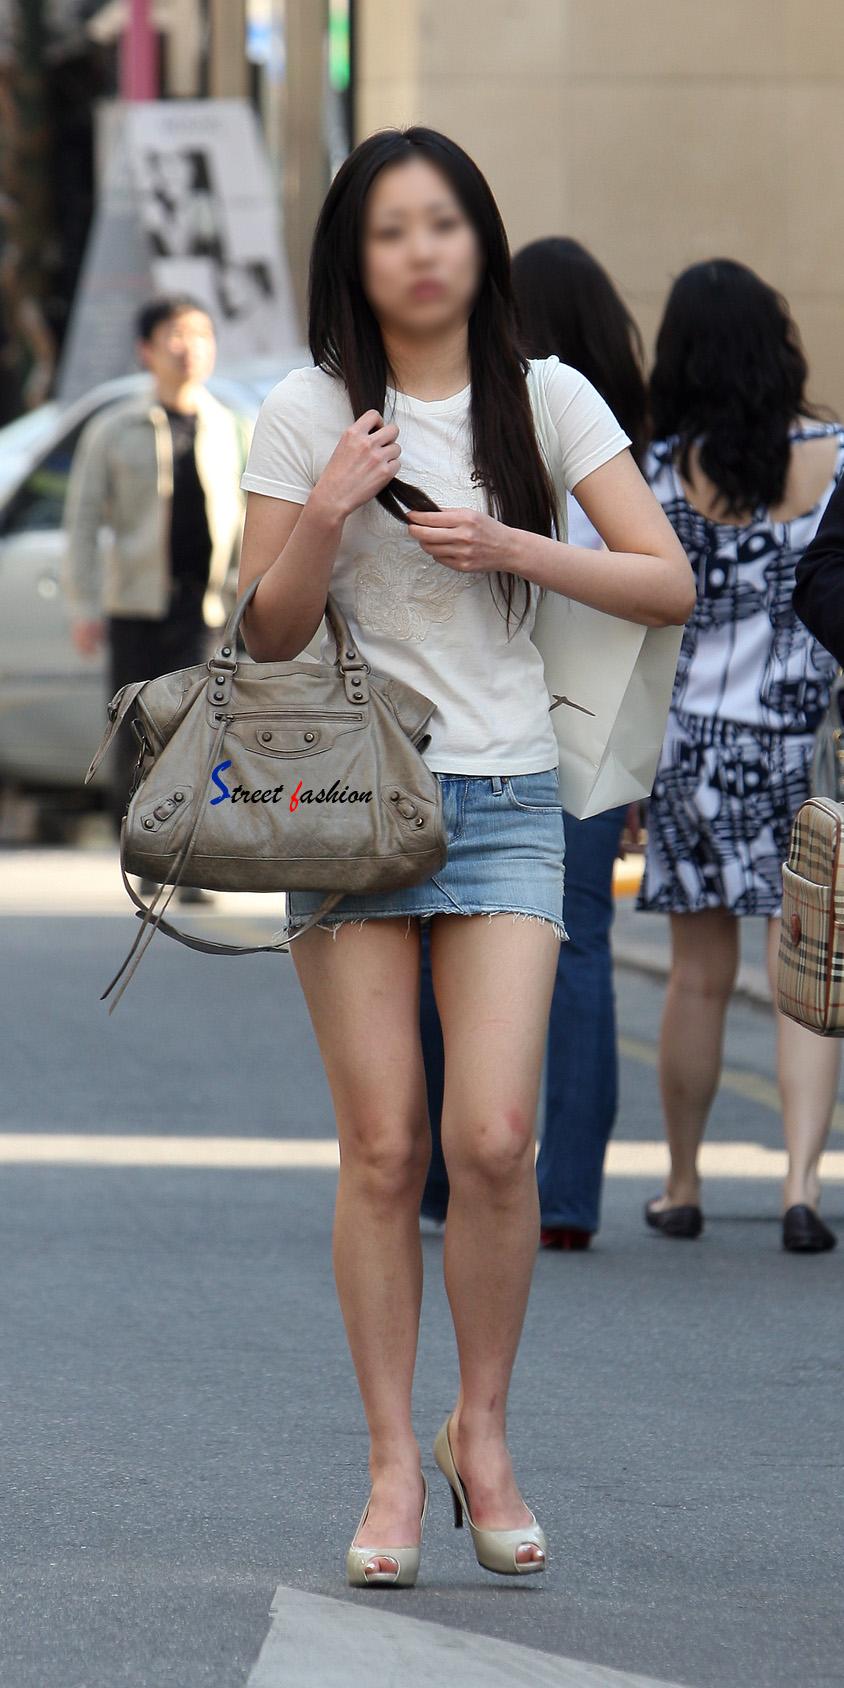 街中を歩くミニスカ韓国女子、意外とイイ尻してますわ(画像37枚)・13枚目